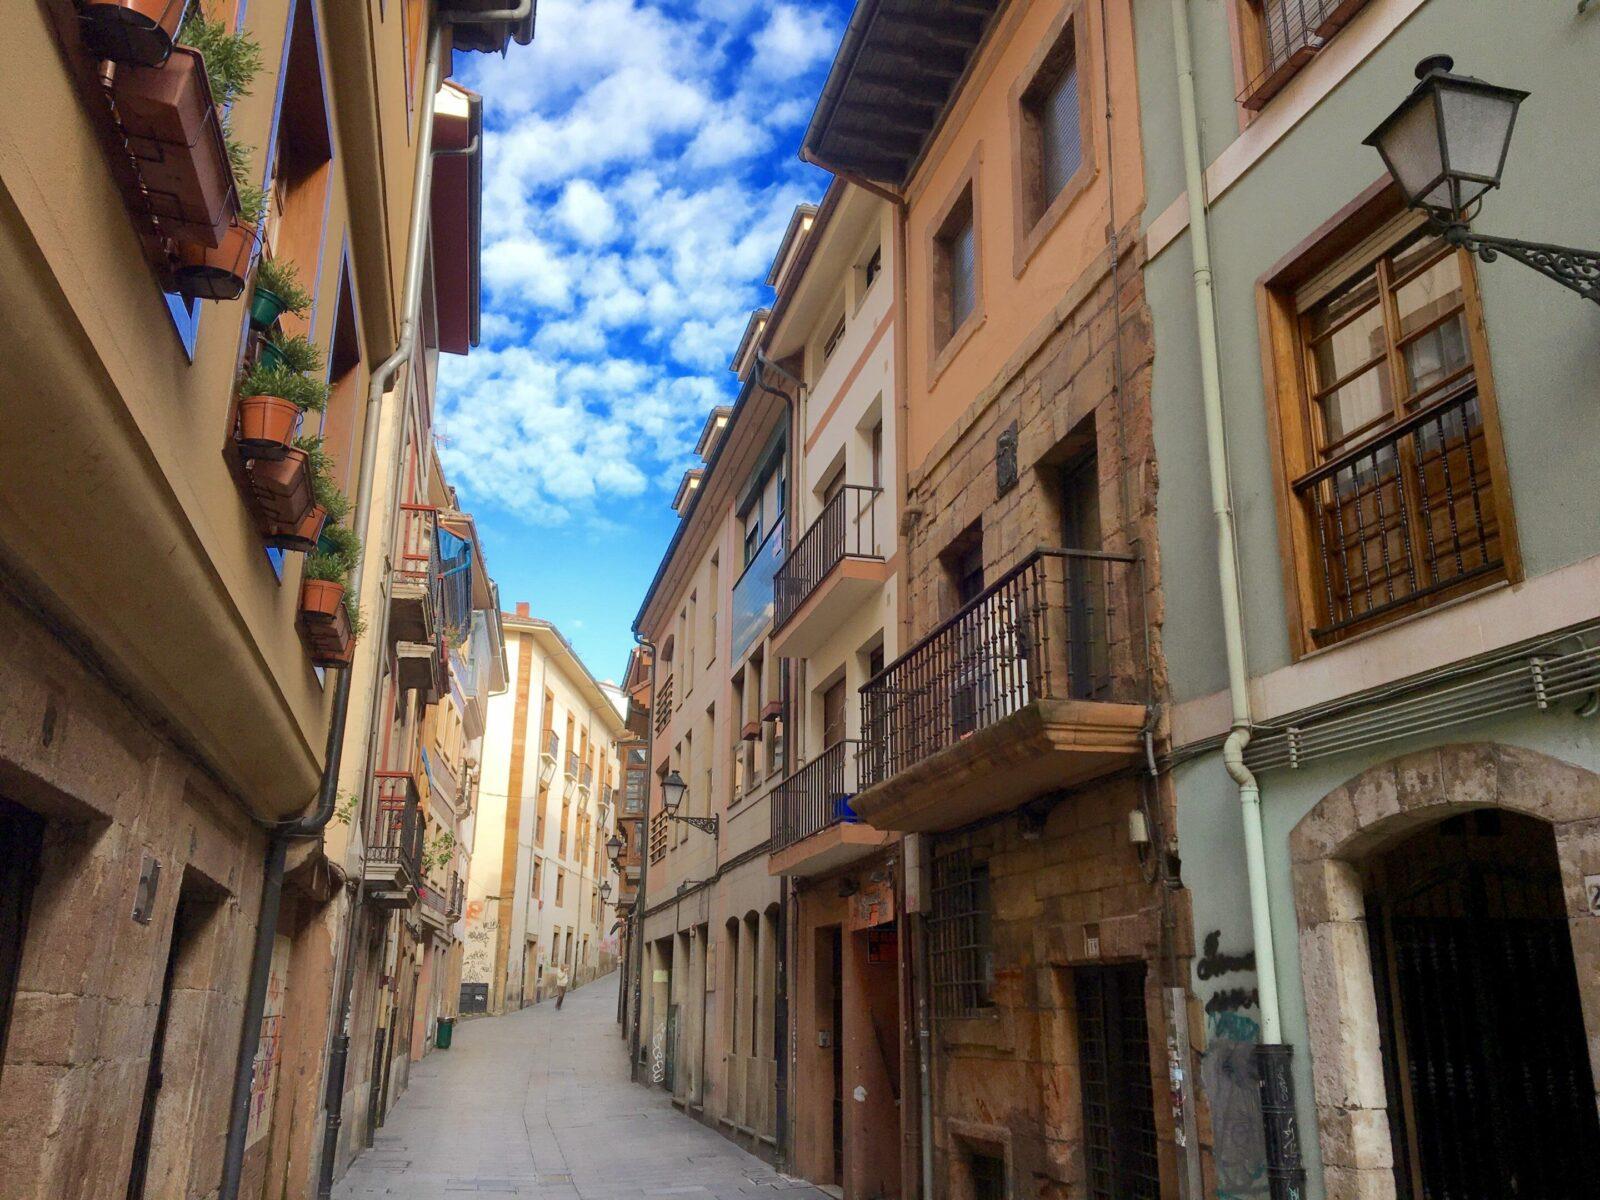 Como llegar a Joyas de Asturias. Situación del apartamento en la calle oscura.